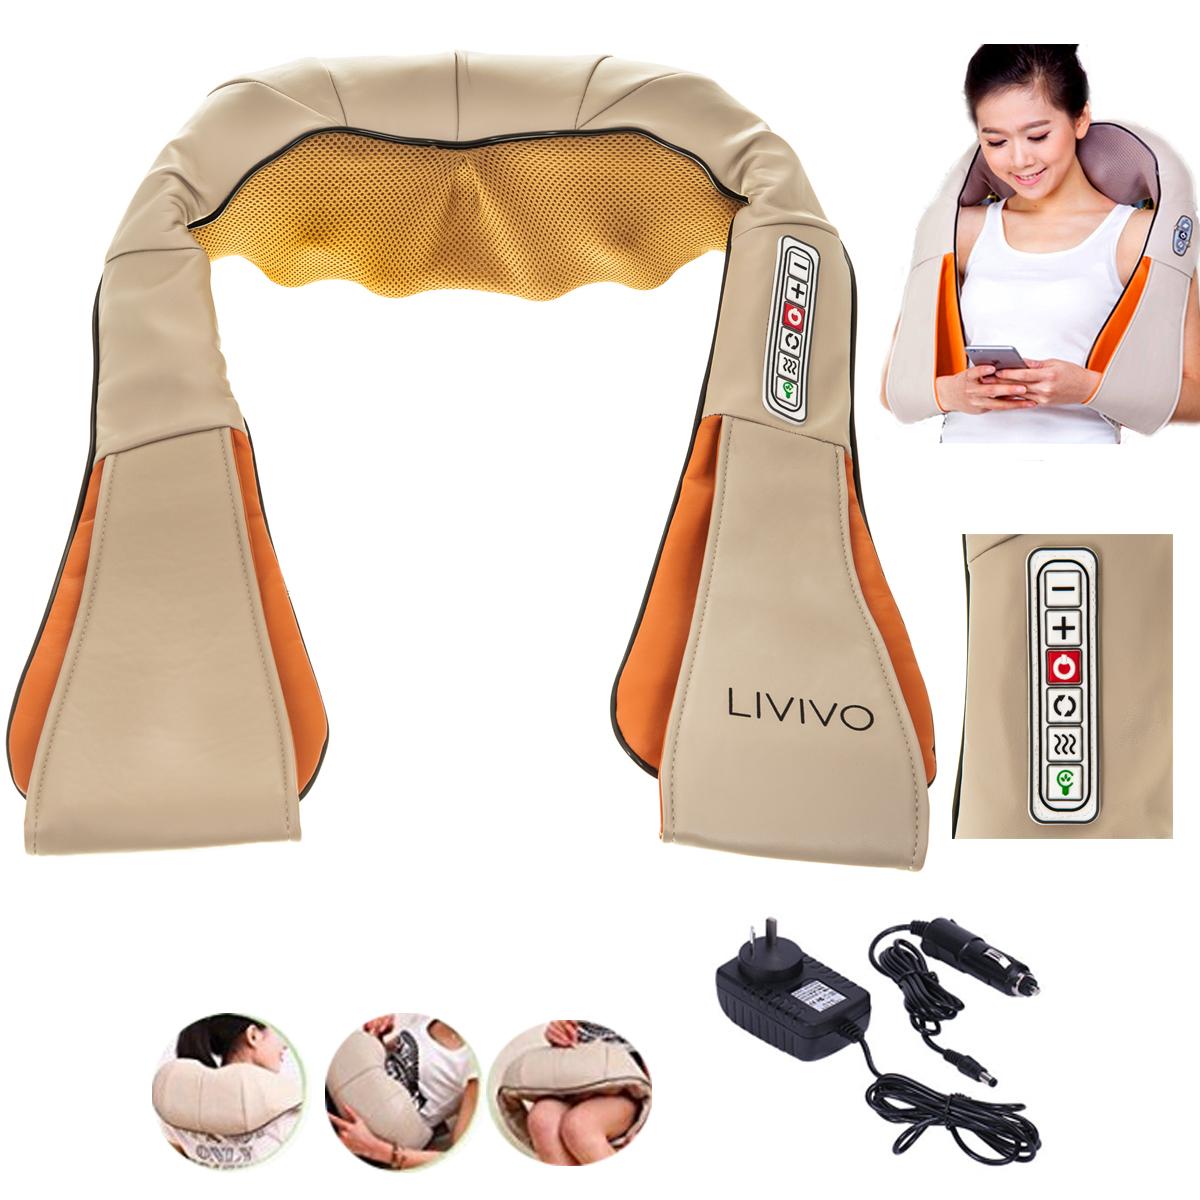 2in1 Electric Heated Comfort Fleece Suede Comfy Relaxing